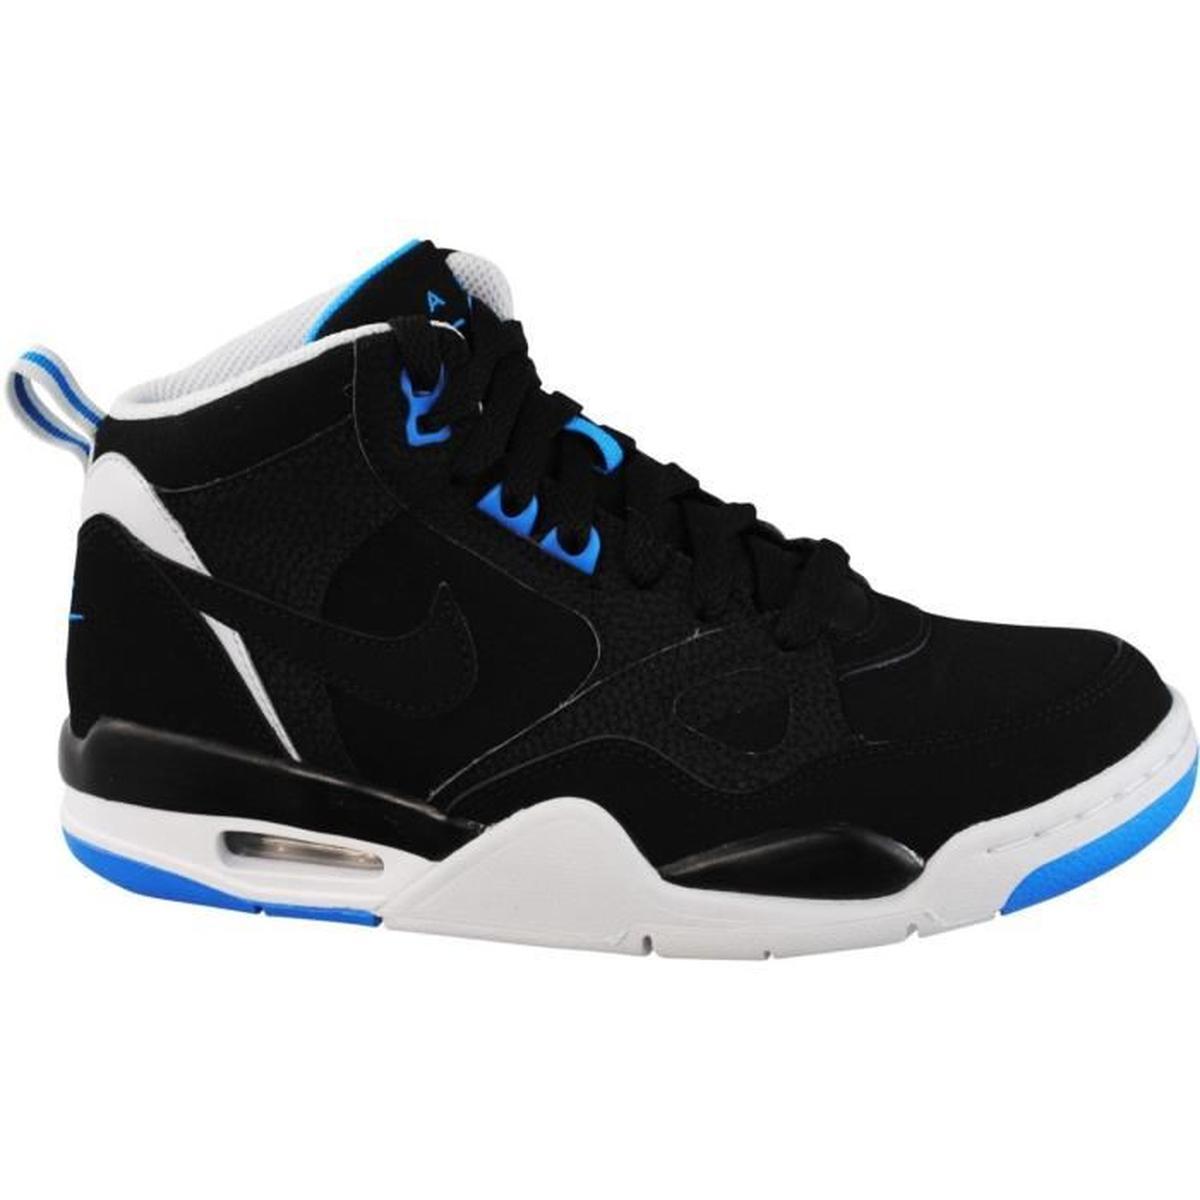 98662d3f18591 2018 Nouveau   Nike Air Jordan 13 équipe Chaussures de basket-ball pour -  Toutes Chaussures Nike Air Max 97 Femme Prix Pas Cher Prix Femme Light Rose  7f451d